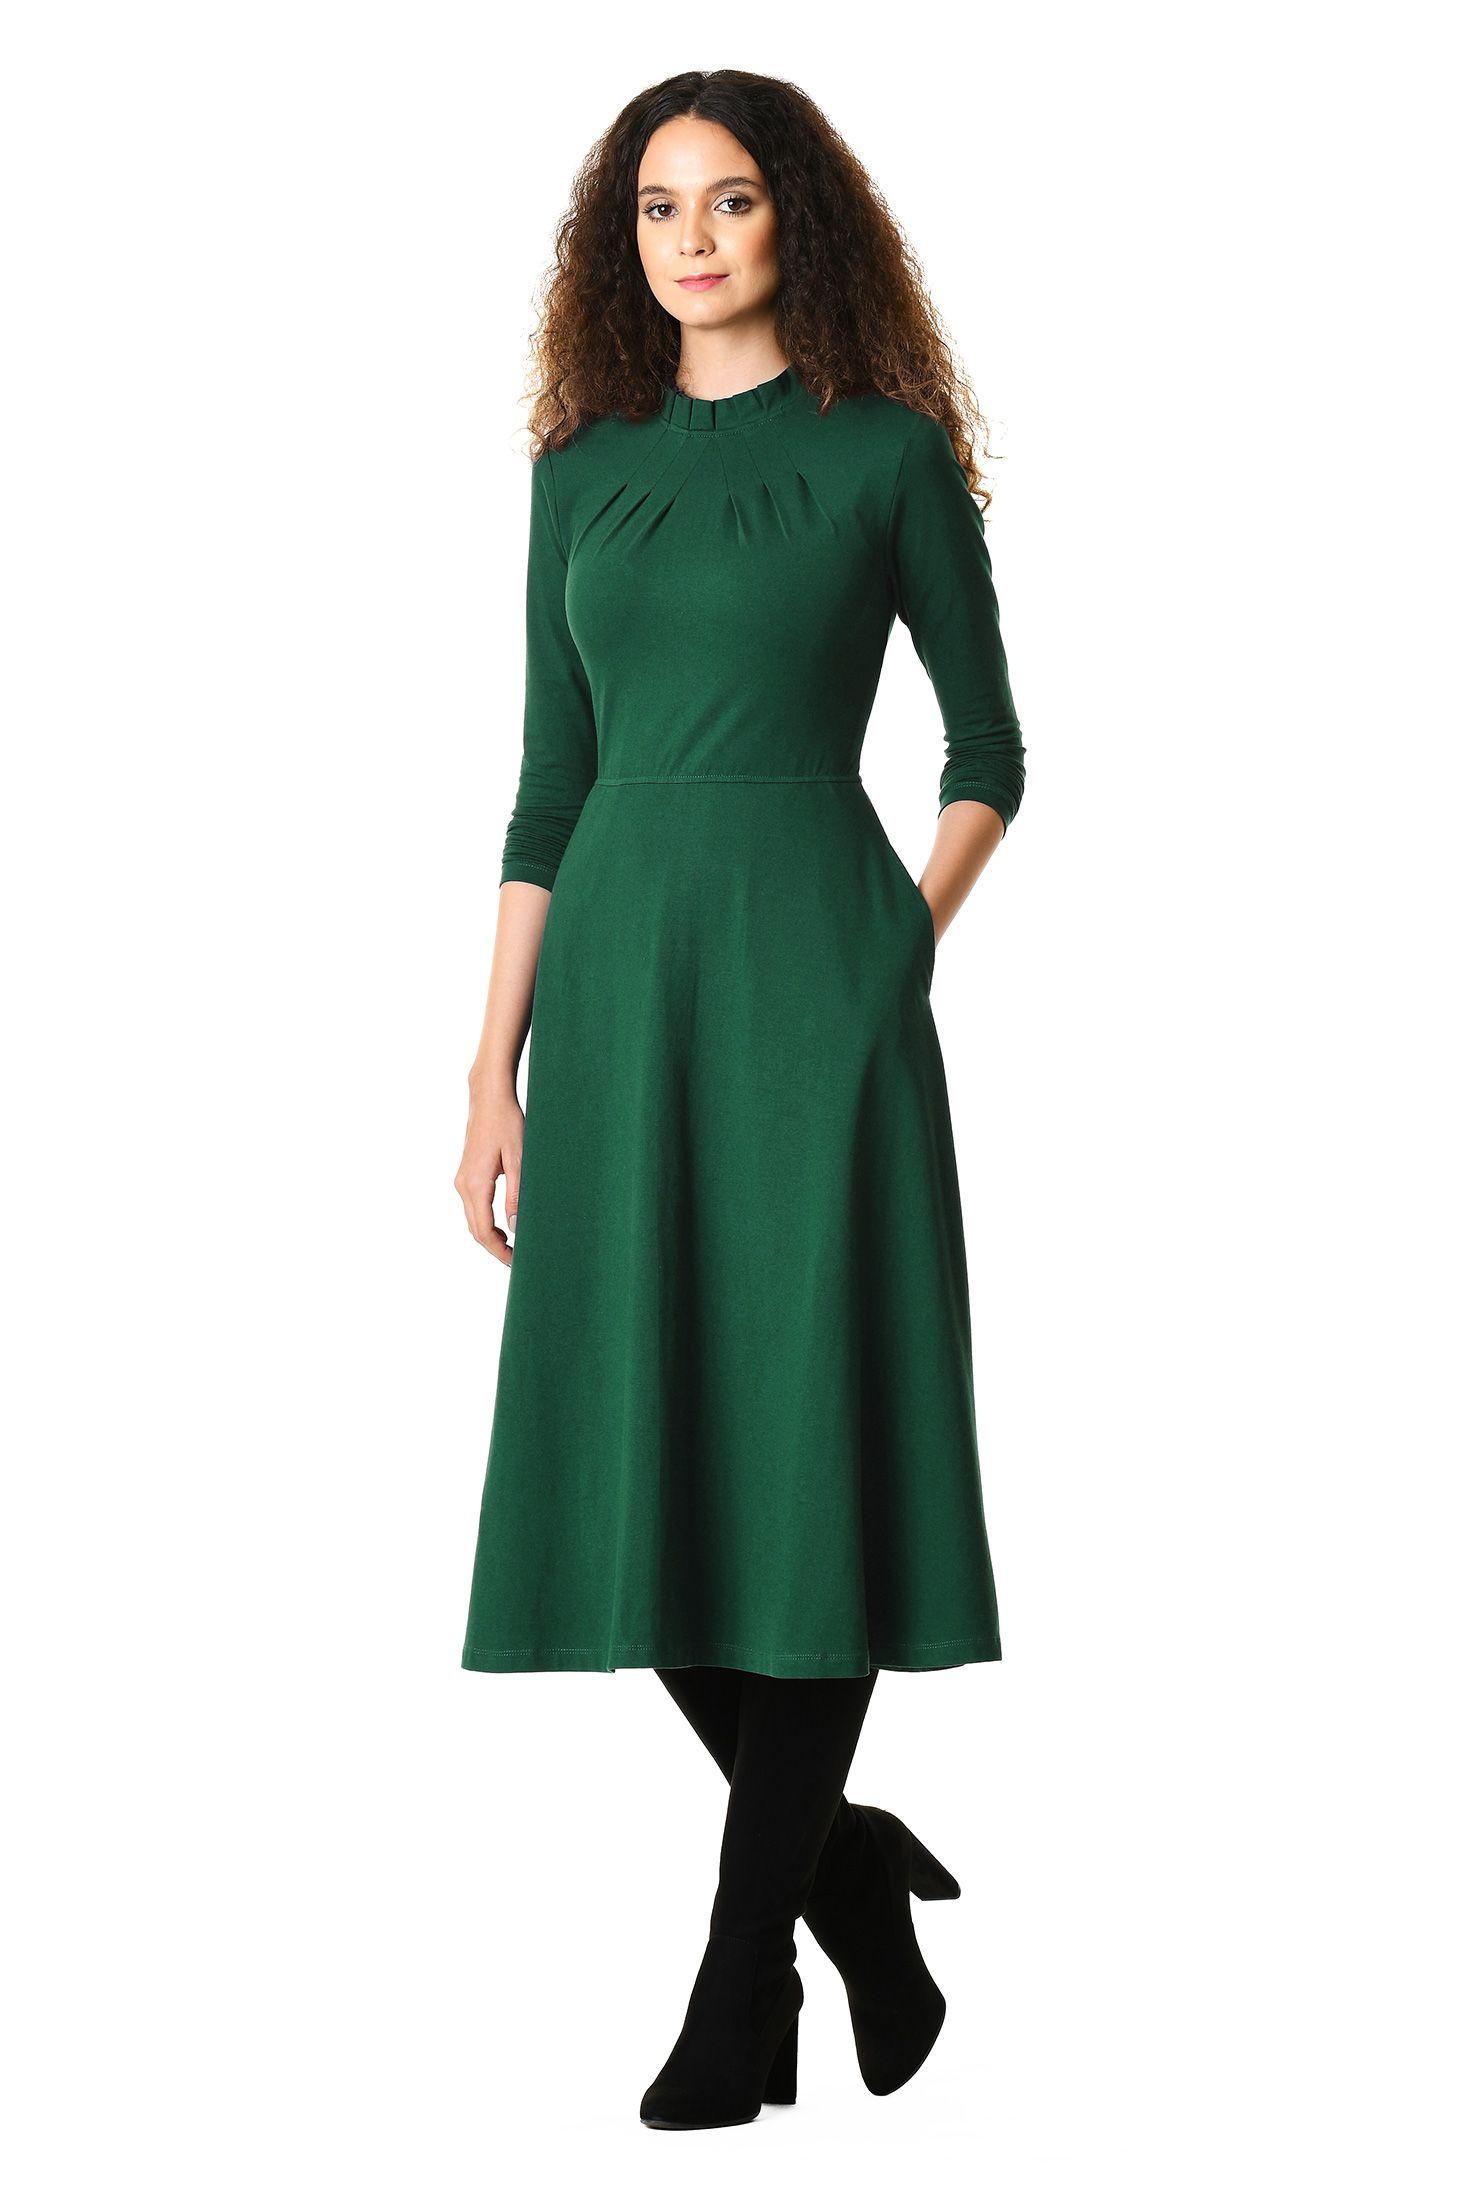 A Line Dresses Bracelet Length Sleeve Dresses Cotton Knit Dresses